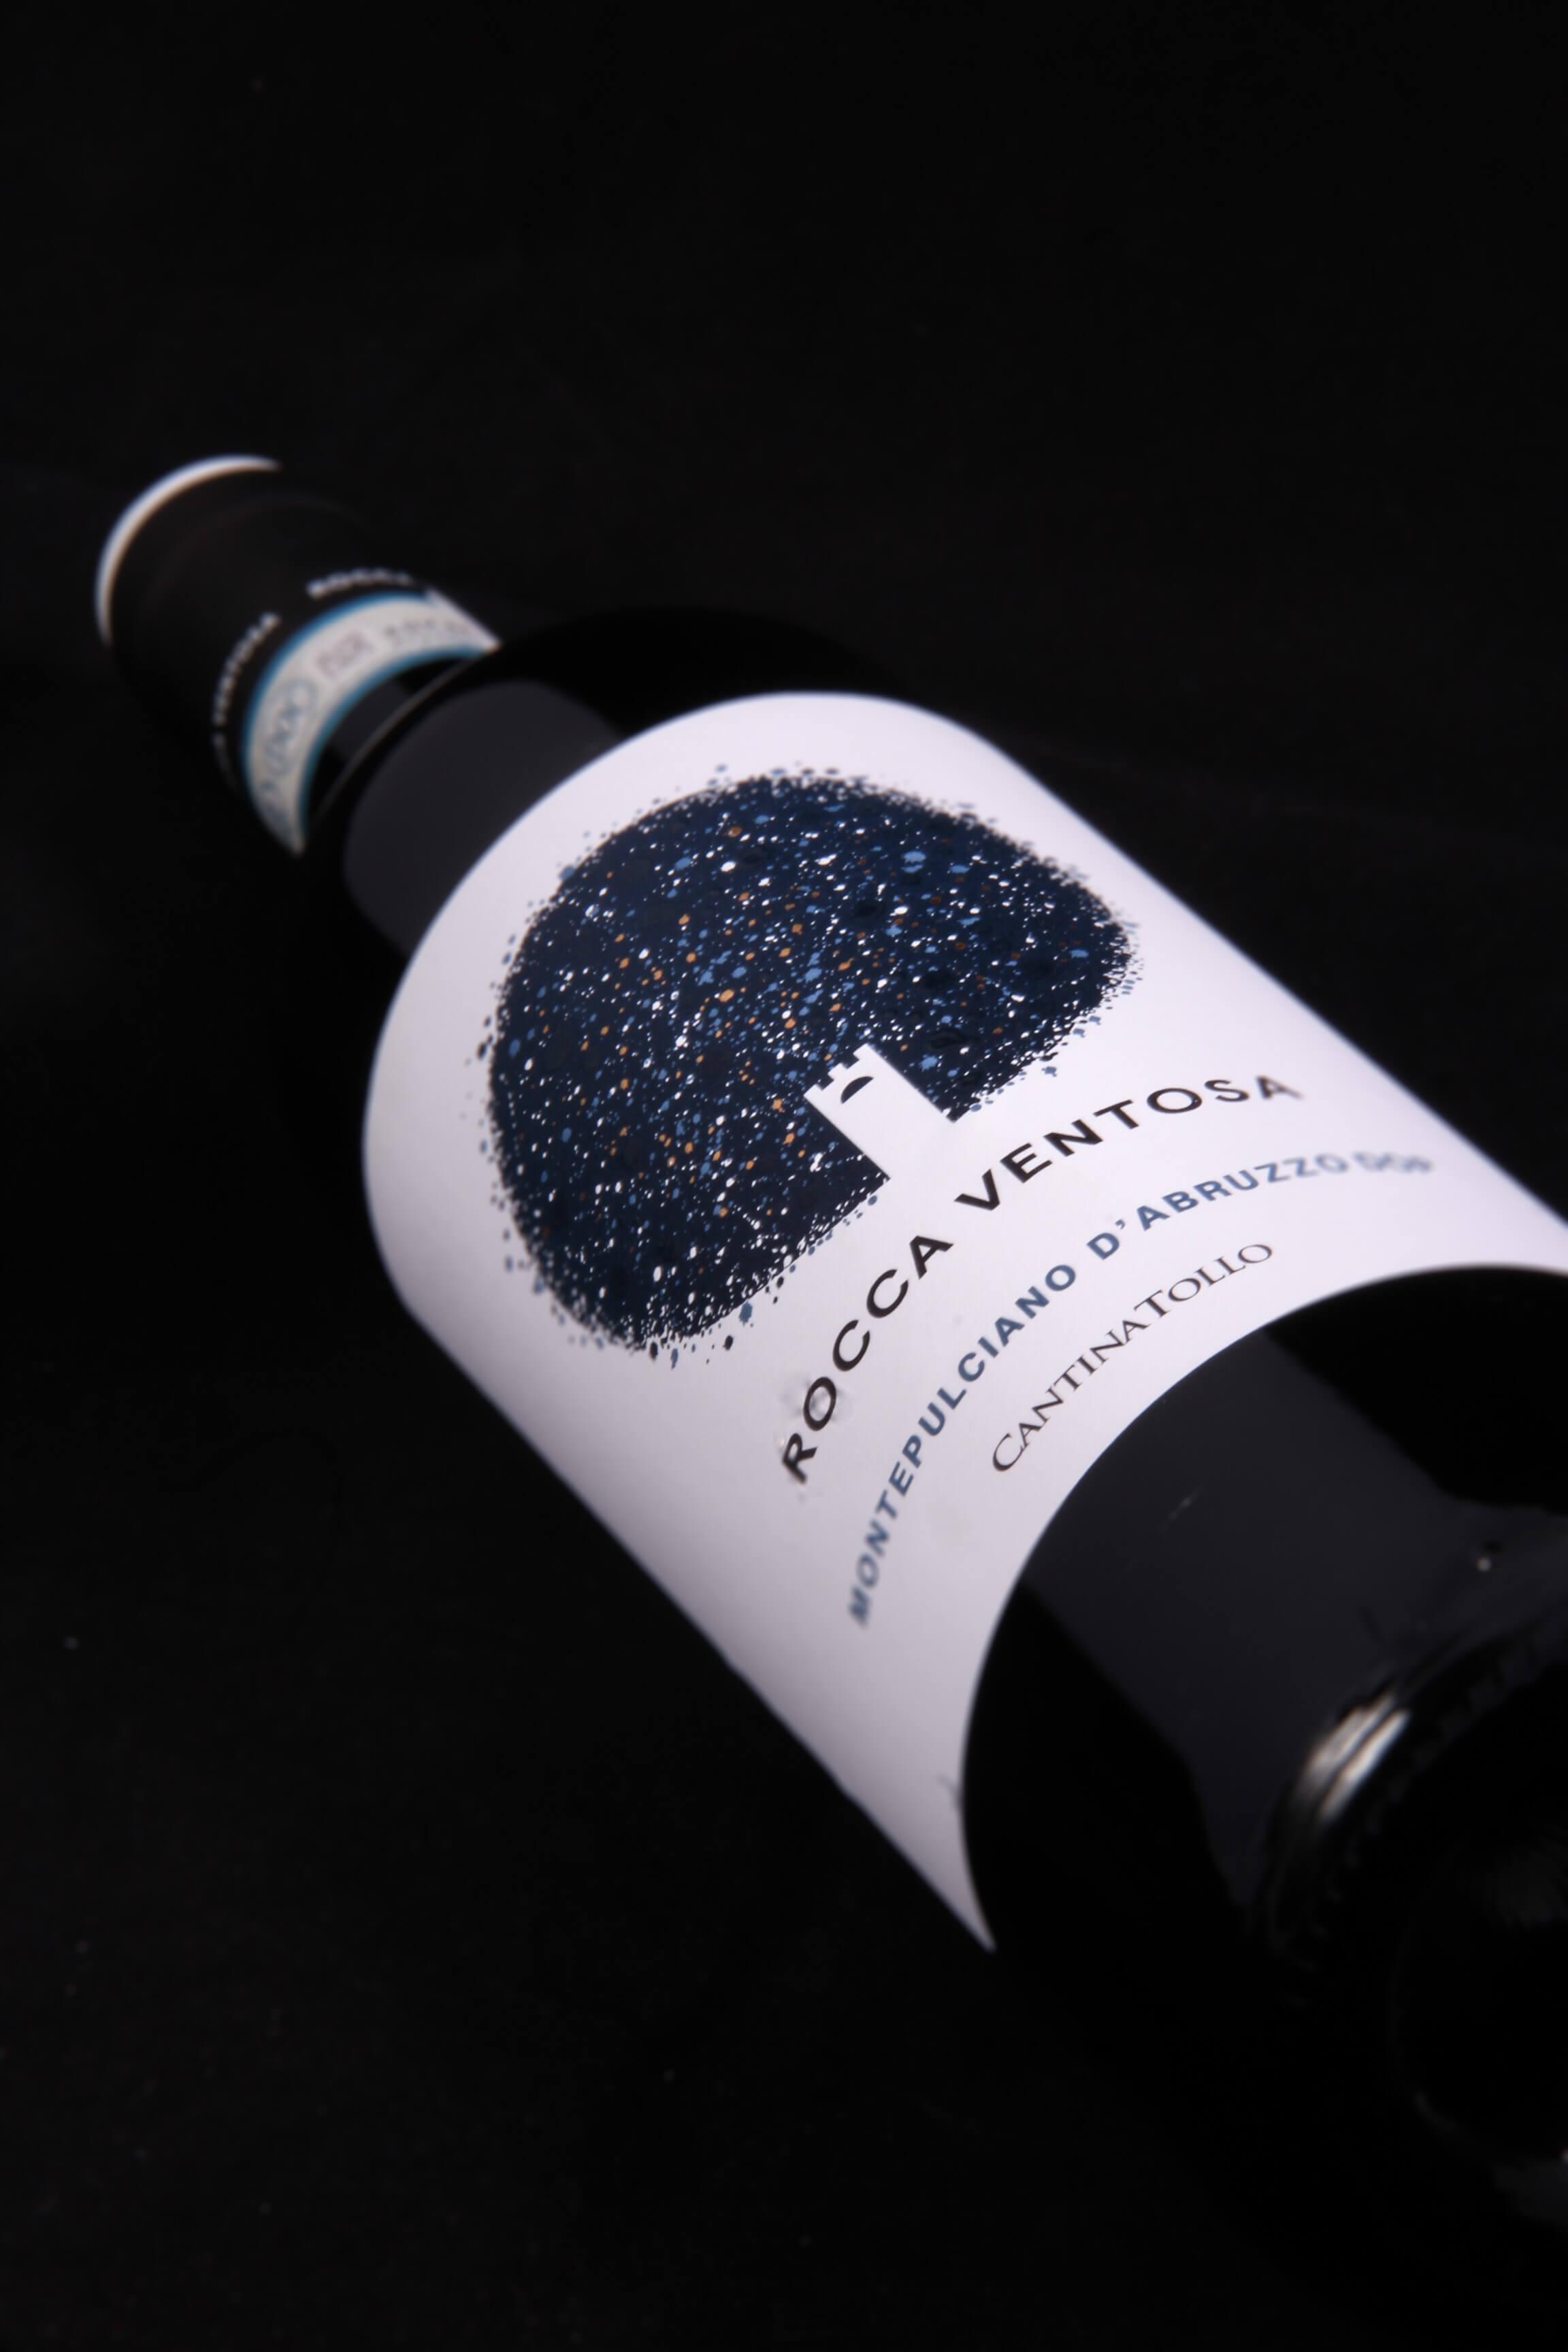 vino_nostrum-importadora_de_vinos_y_alimentos_ok40